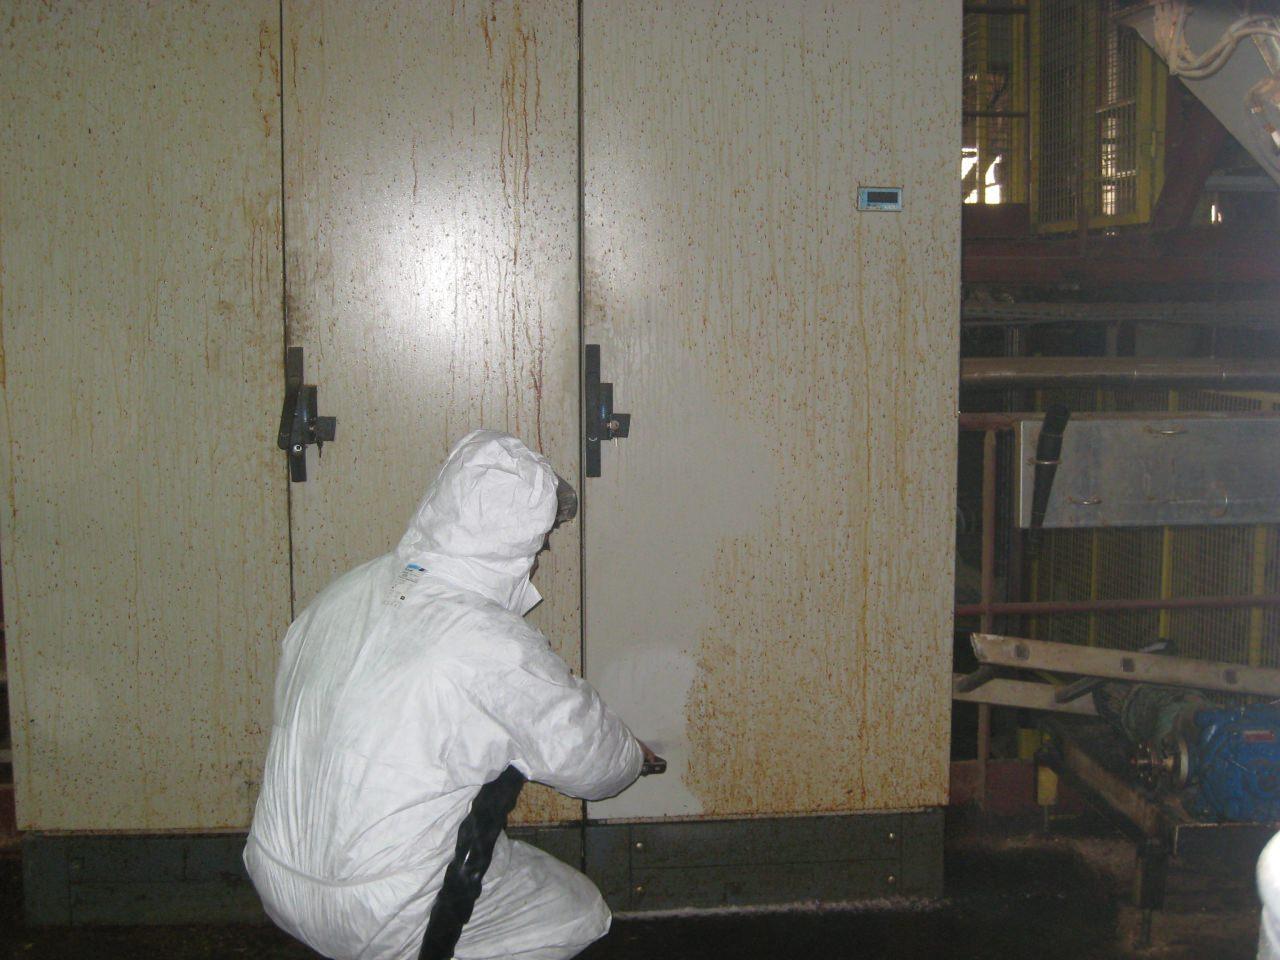 nettoyage cryogenique en usine agroalimentaire sur materiel electrique